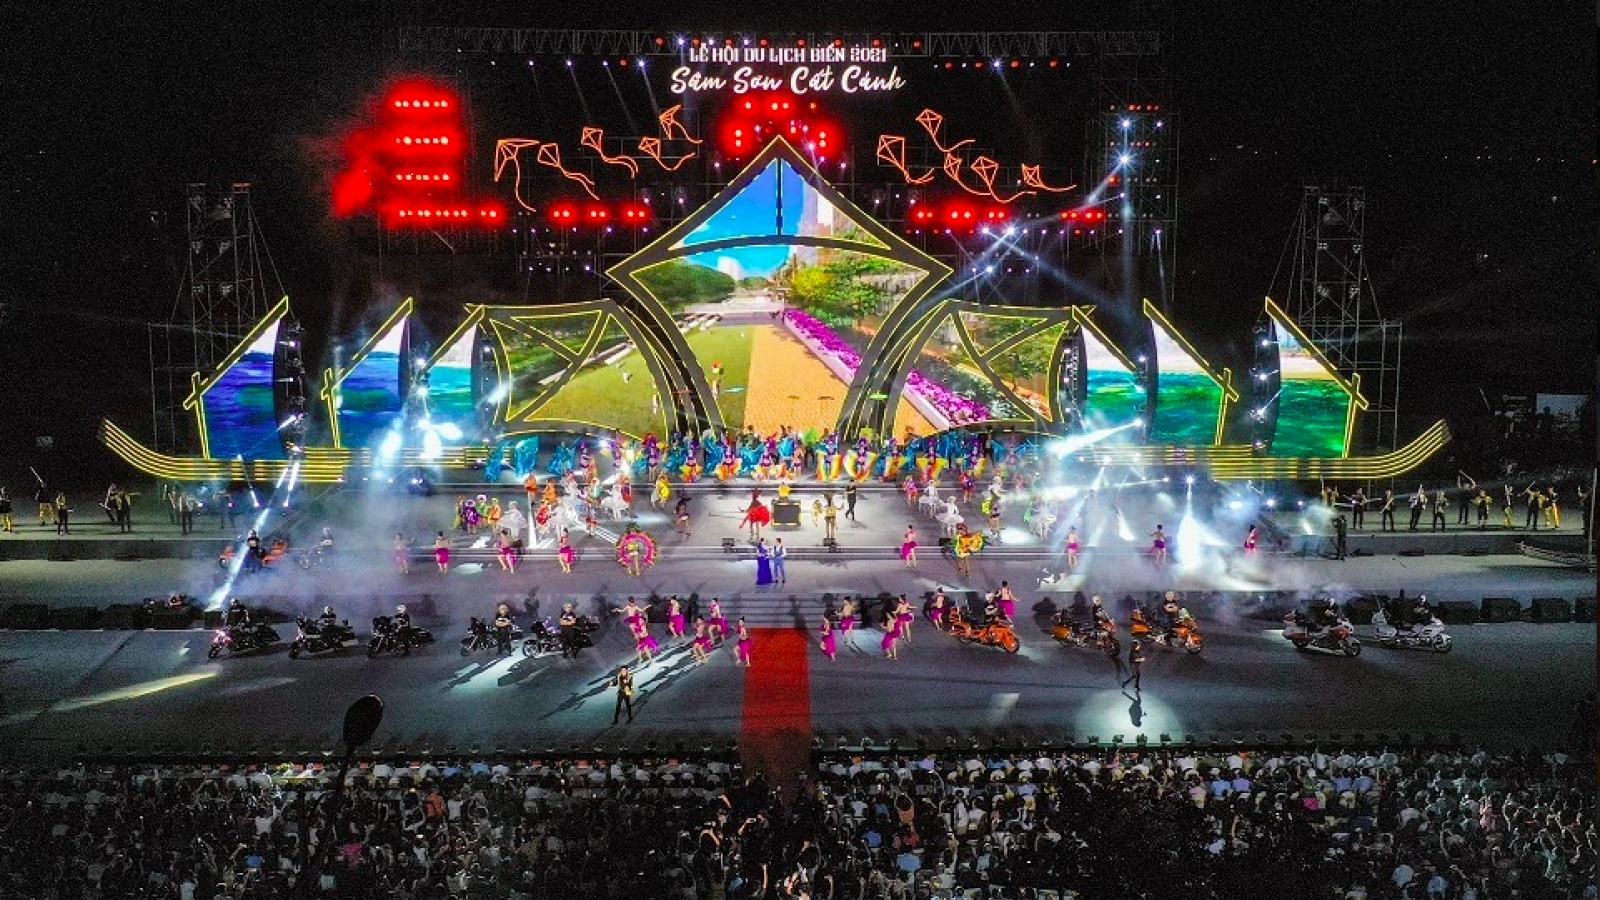 Hàng ngàn người dân và du khách đổ về Sầm Sơn dự đêm khai mạc Lễ hội du lịch Biển 2021